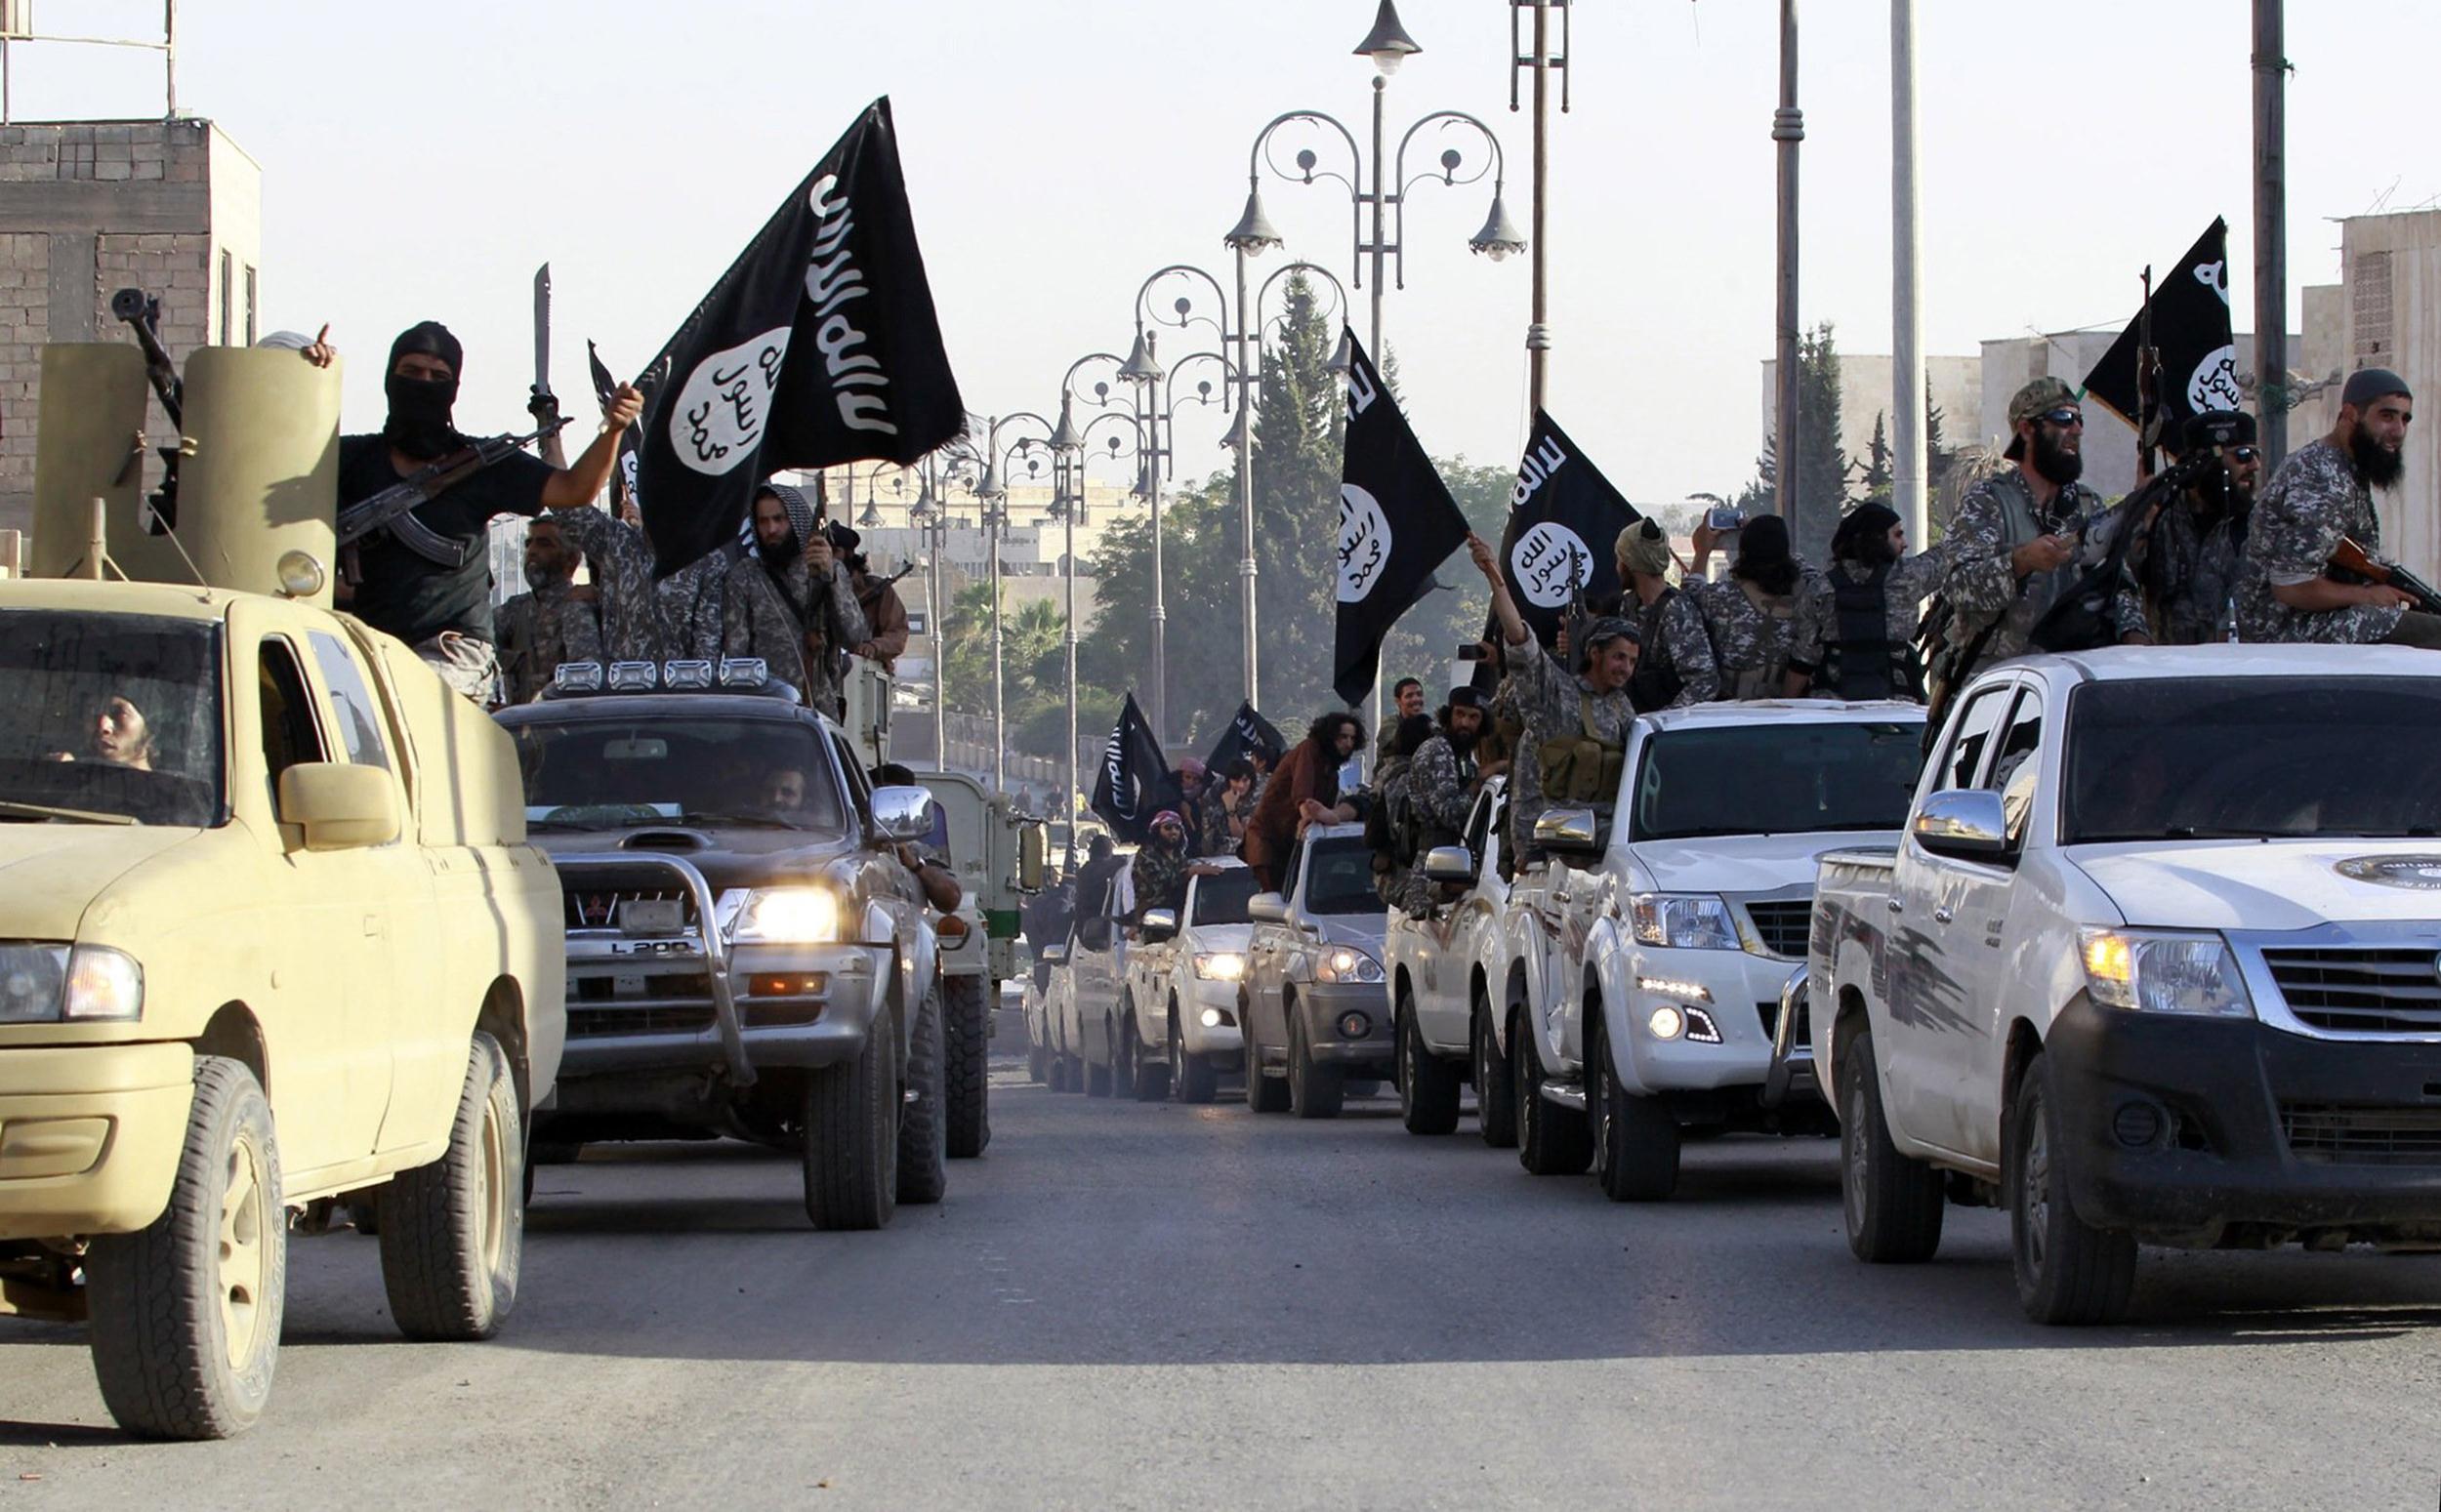 Khủng bố IS đang tận dụng triệt để Internet nhằm quảng bá tên tuổi của chúng